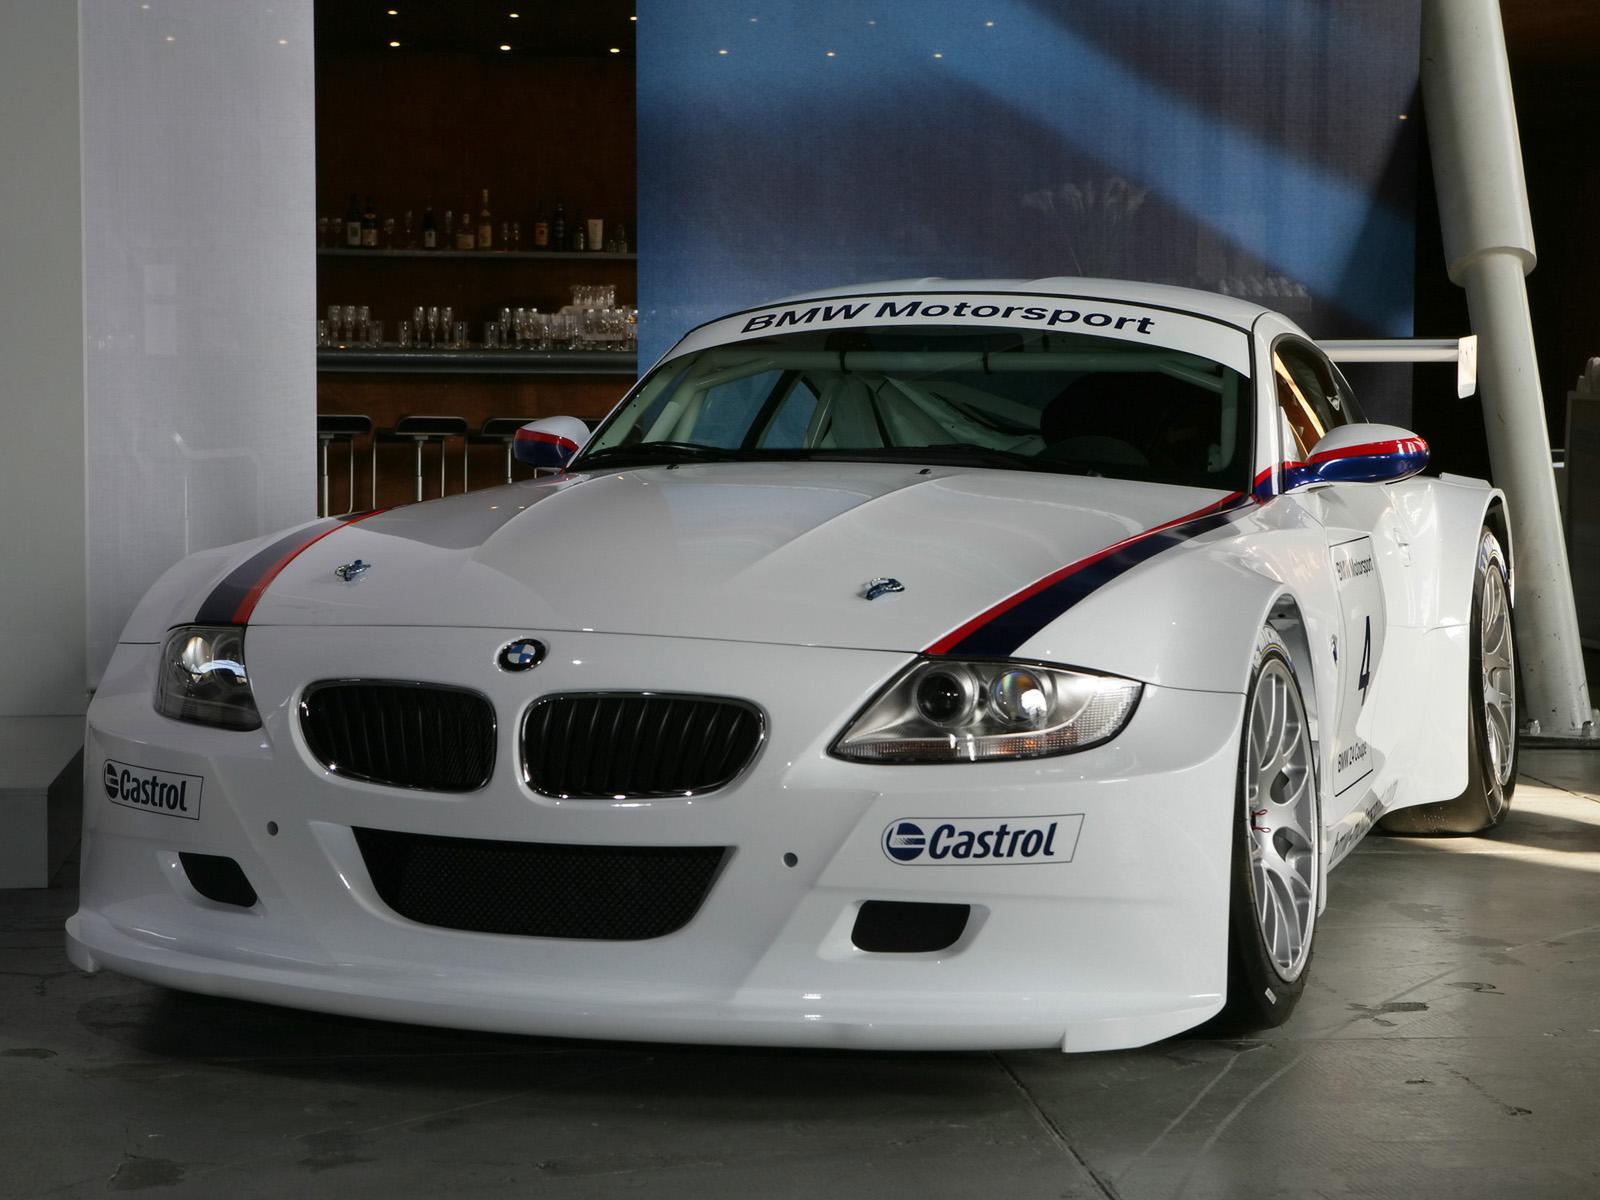 http://1.bp.blogspot.com/_PFpVg5MxasU/TUPX7Jvdy5I/AAAAAAAAA00/42jRZvpC3_w/s1600/BMW-Z4-M-coupe-3.jpg